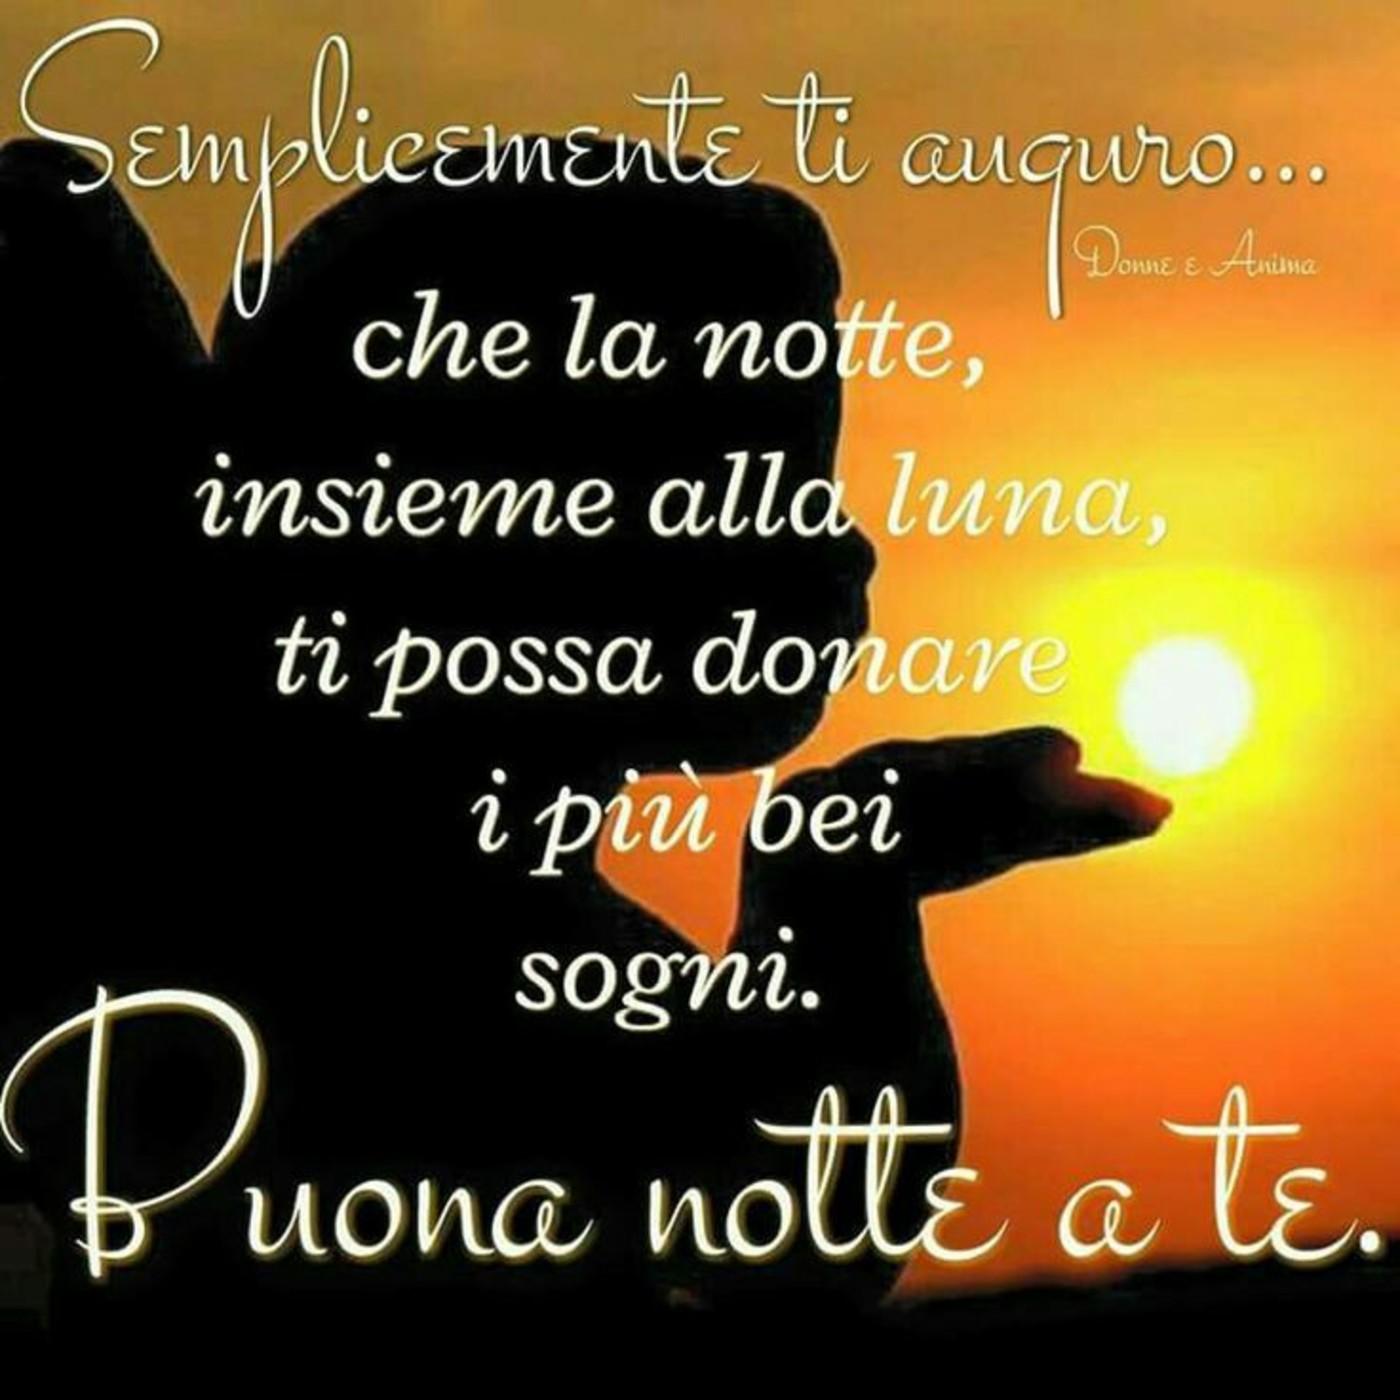 Buonanotte E Sogni D Oro Immagini Nuove Buongiorno Immagini It